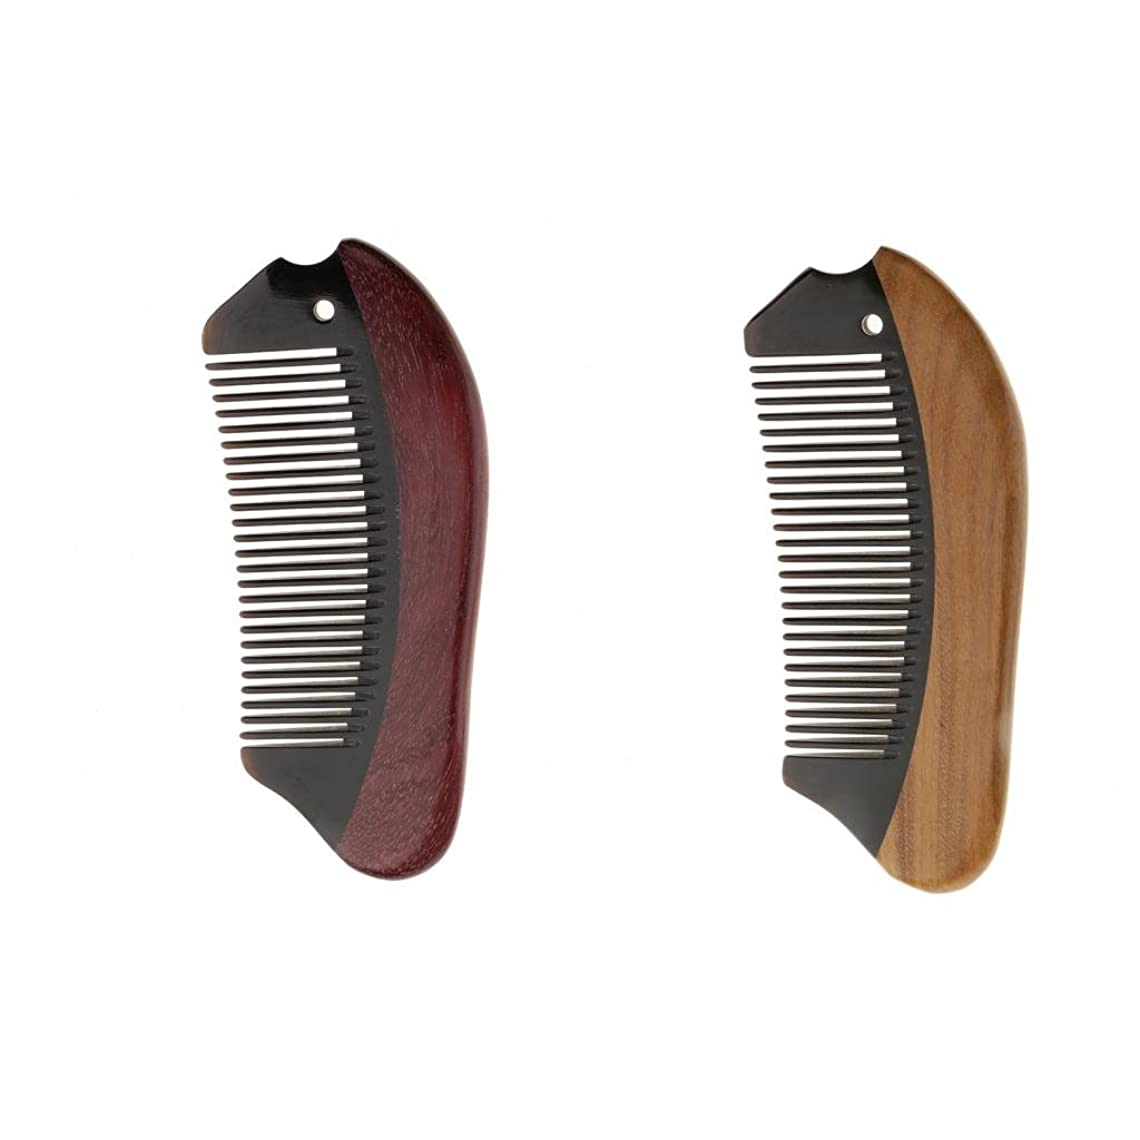 工夫するプレミア有害2個 木製 櫛 コーム 静電気防止 マッサージ 高品質 プレゼント 滑らか 快適